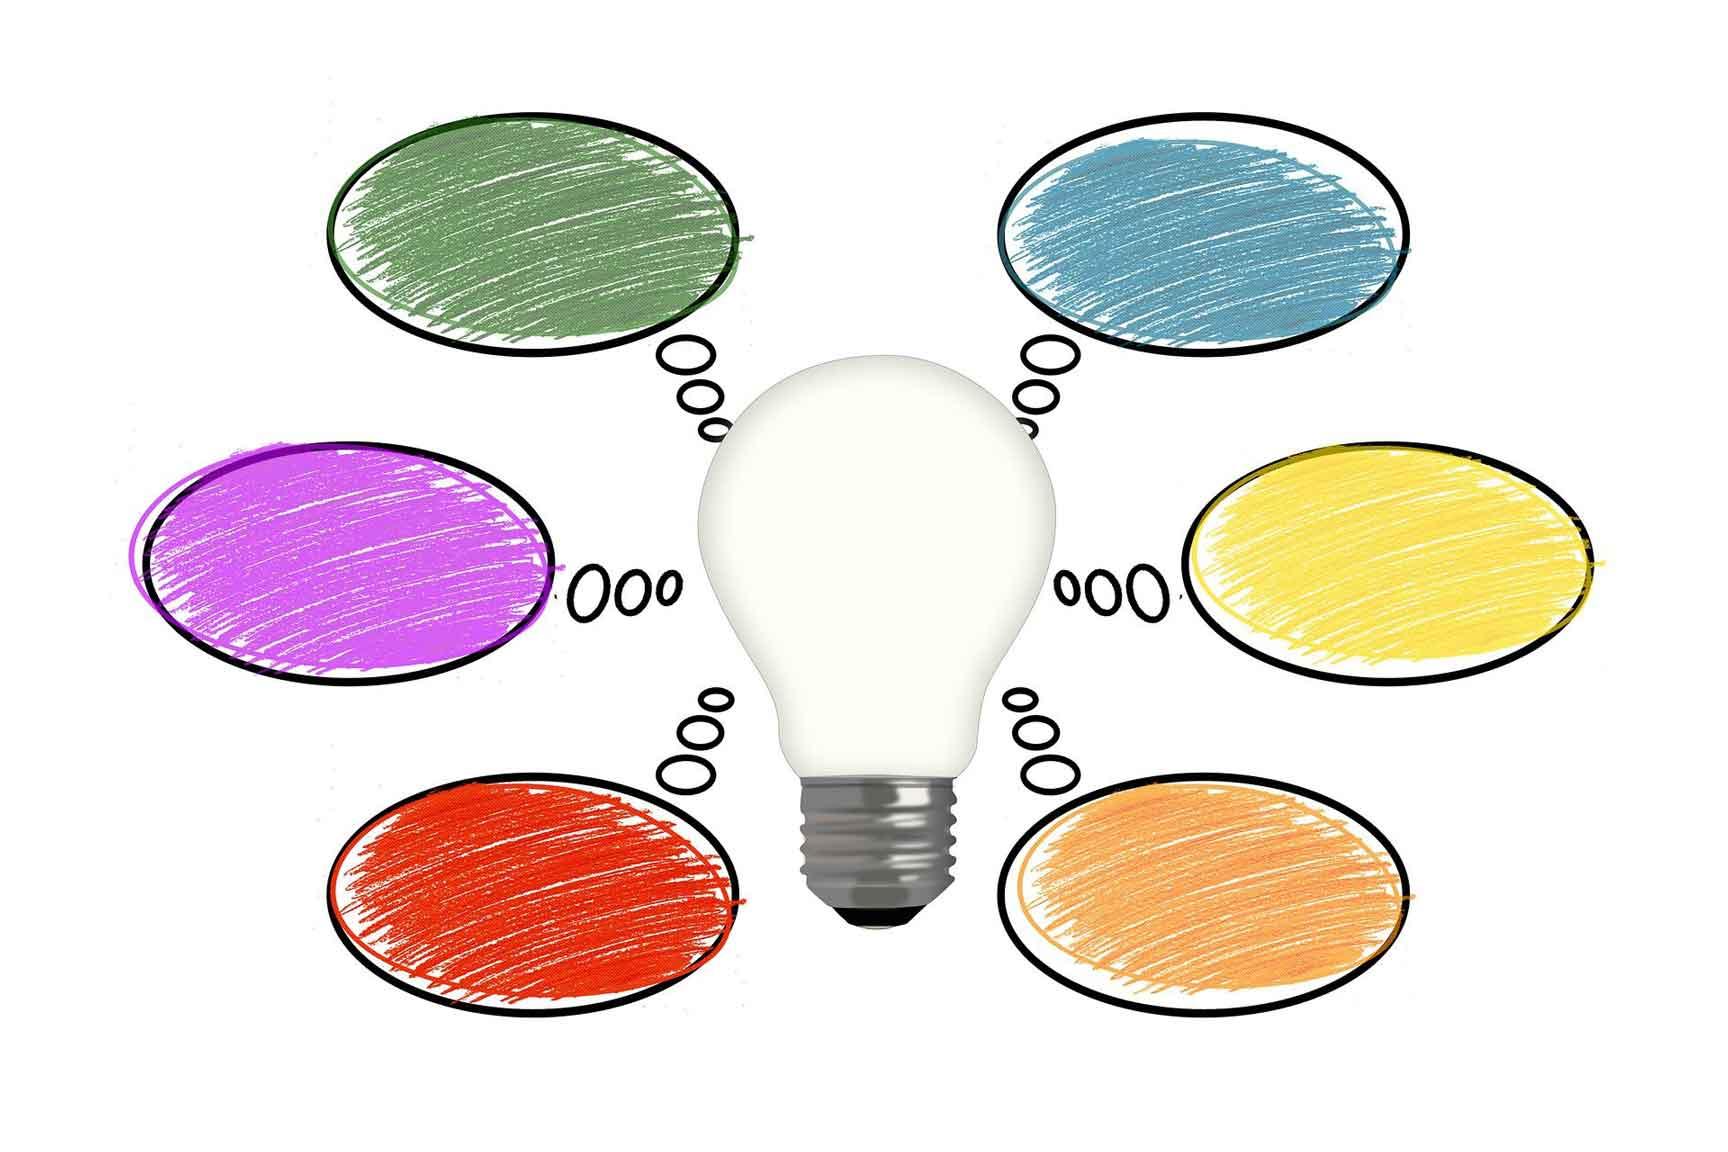 patent box contratti di co-sviluppo